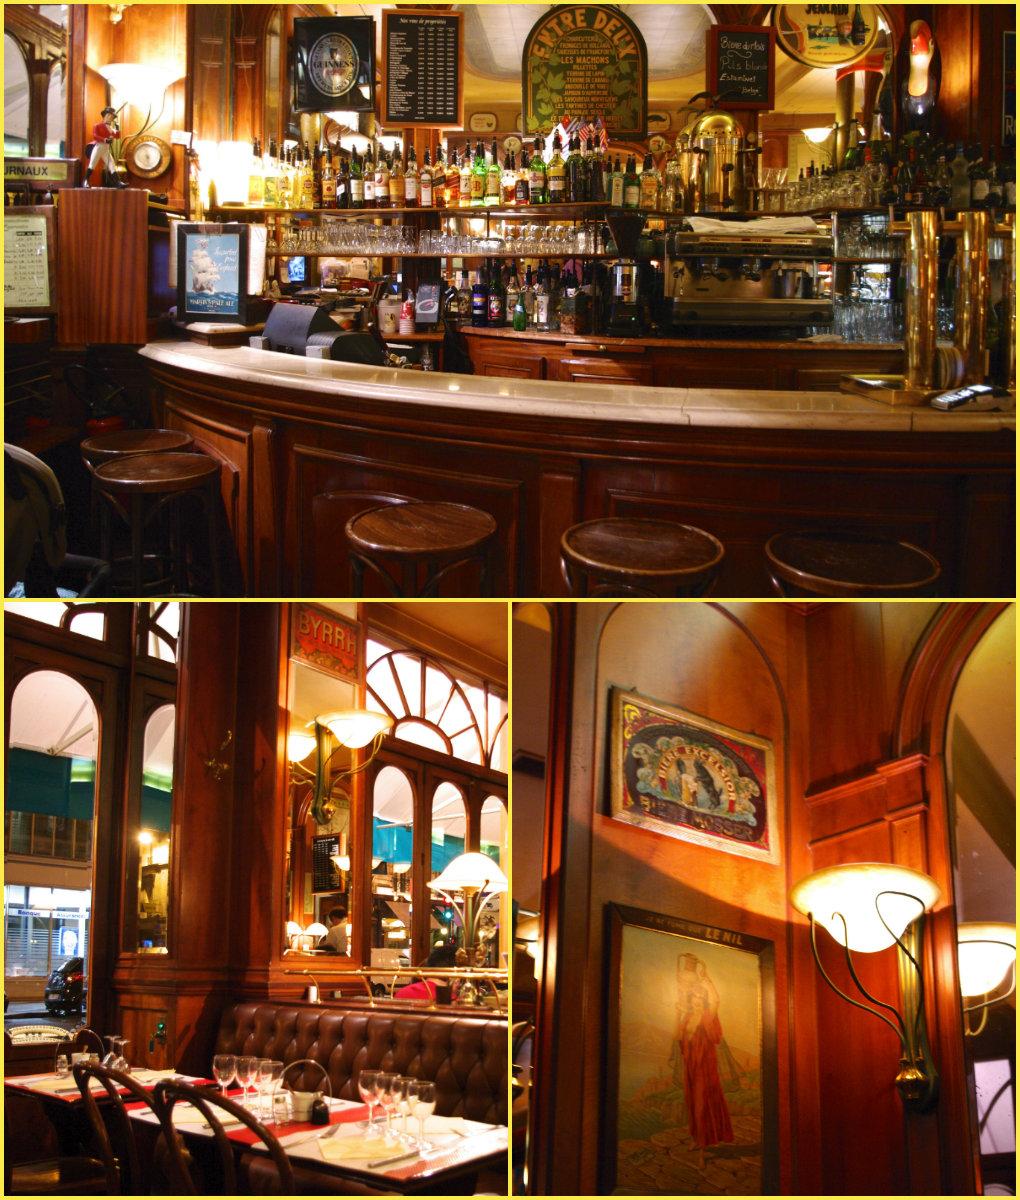 秋のパリ日記4:老舗お菓子屋さん、クラシックなビストロ、パリの食は美しい♪_e0114020_17523080.jpg